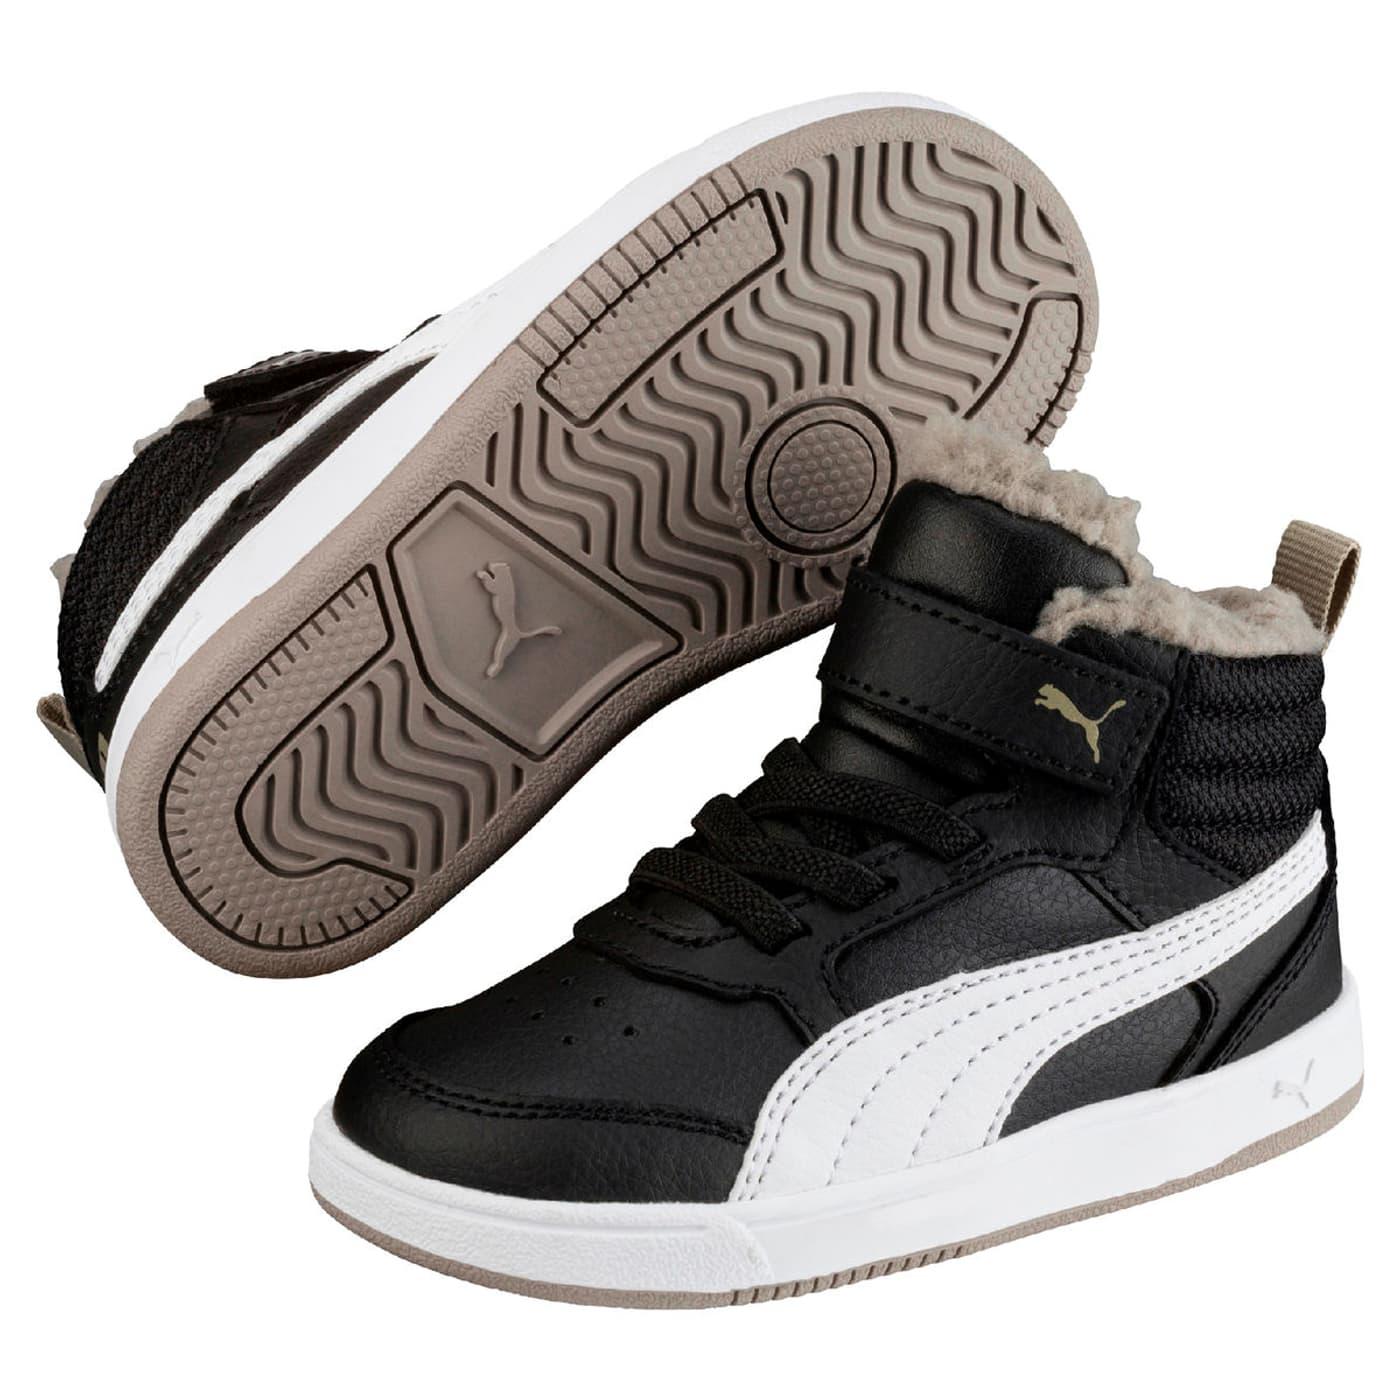 52cceaf241bc7 Puma Chaussures pour enfant